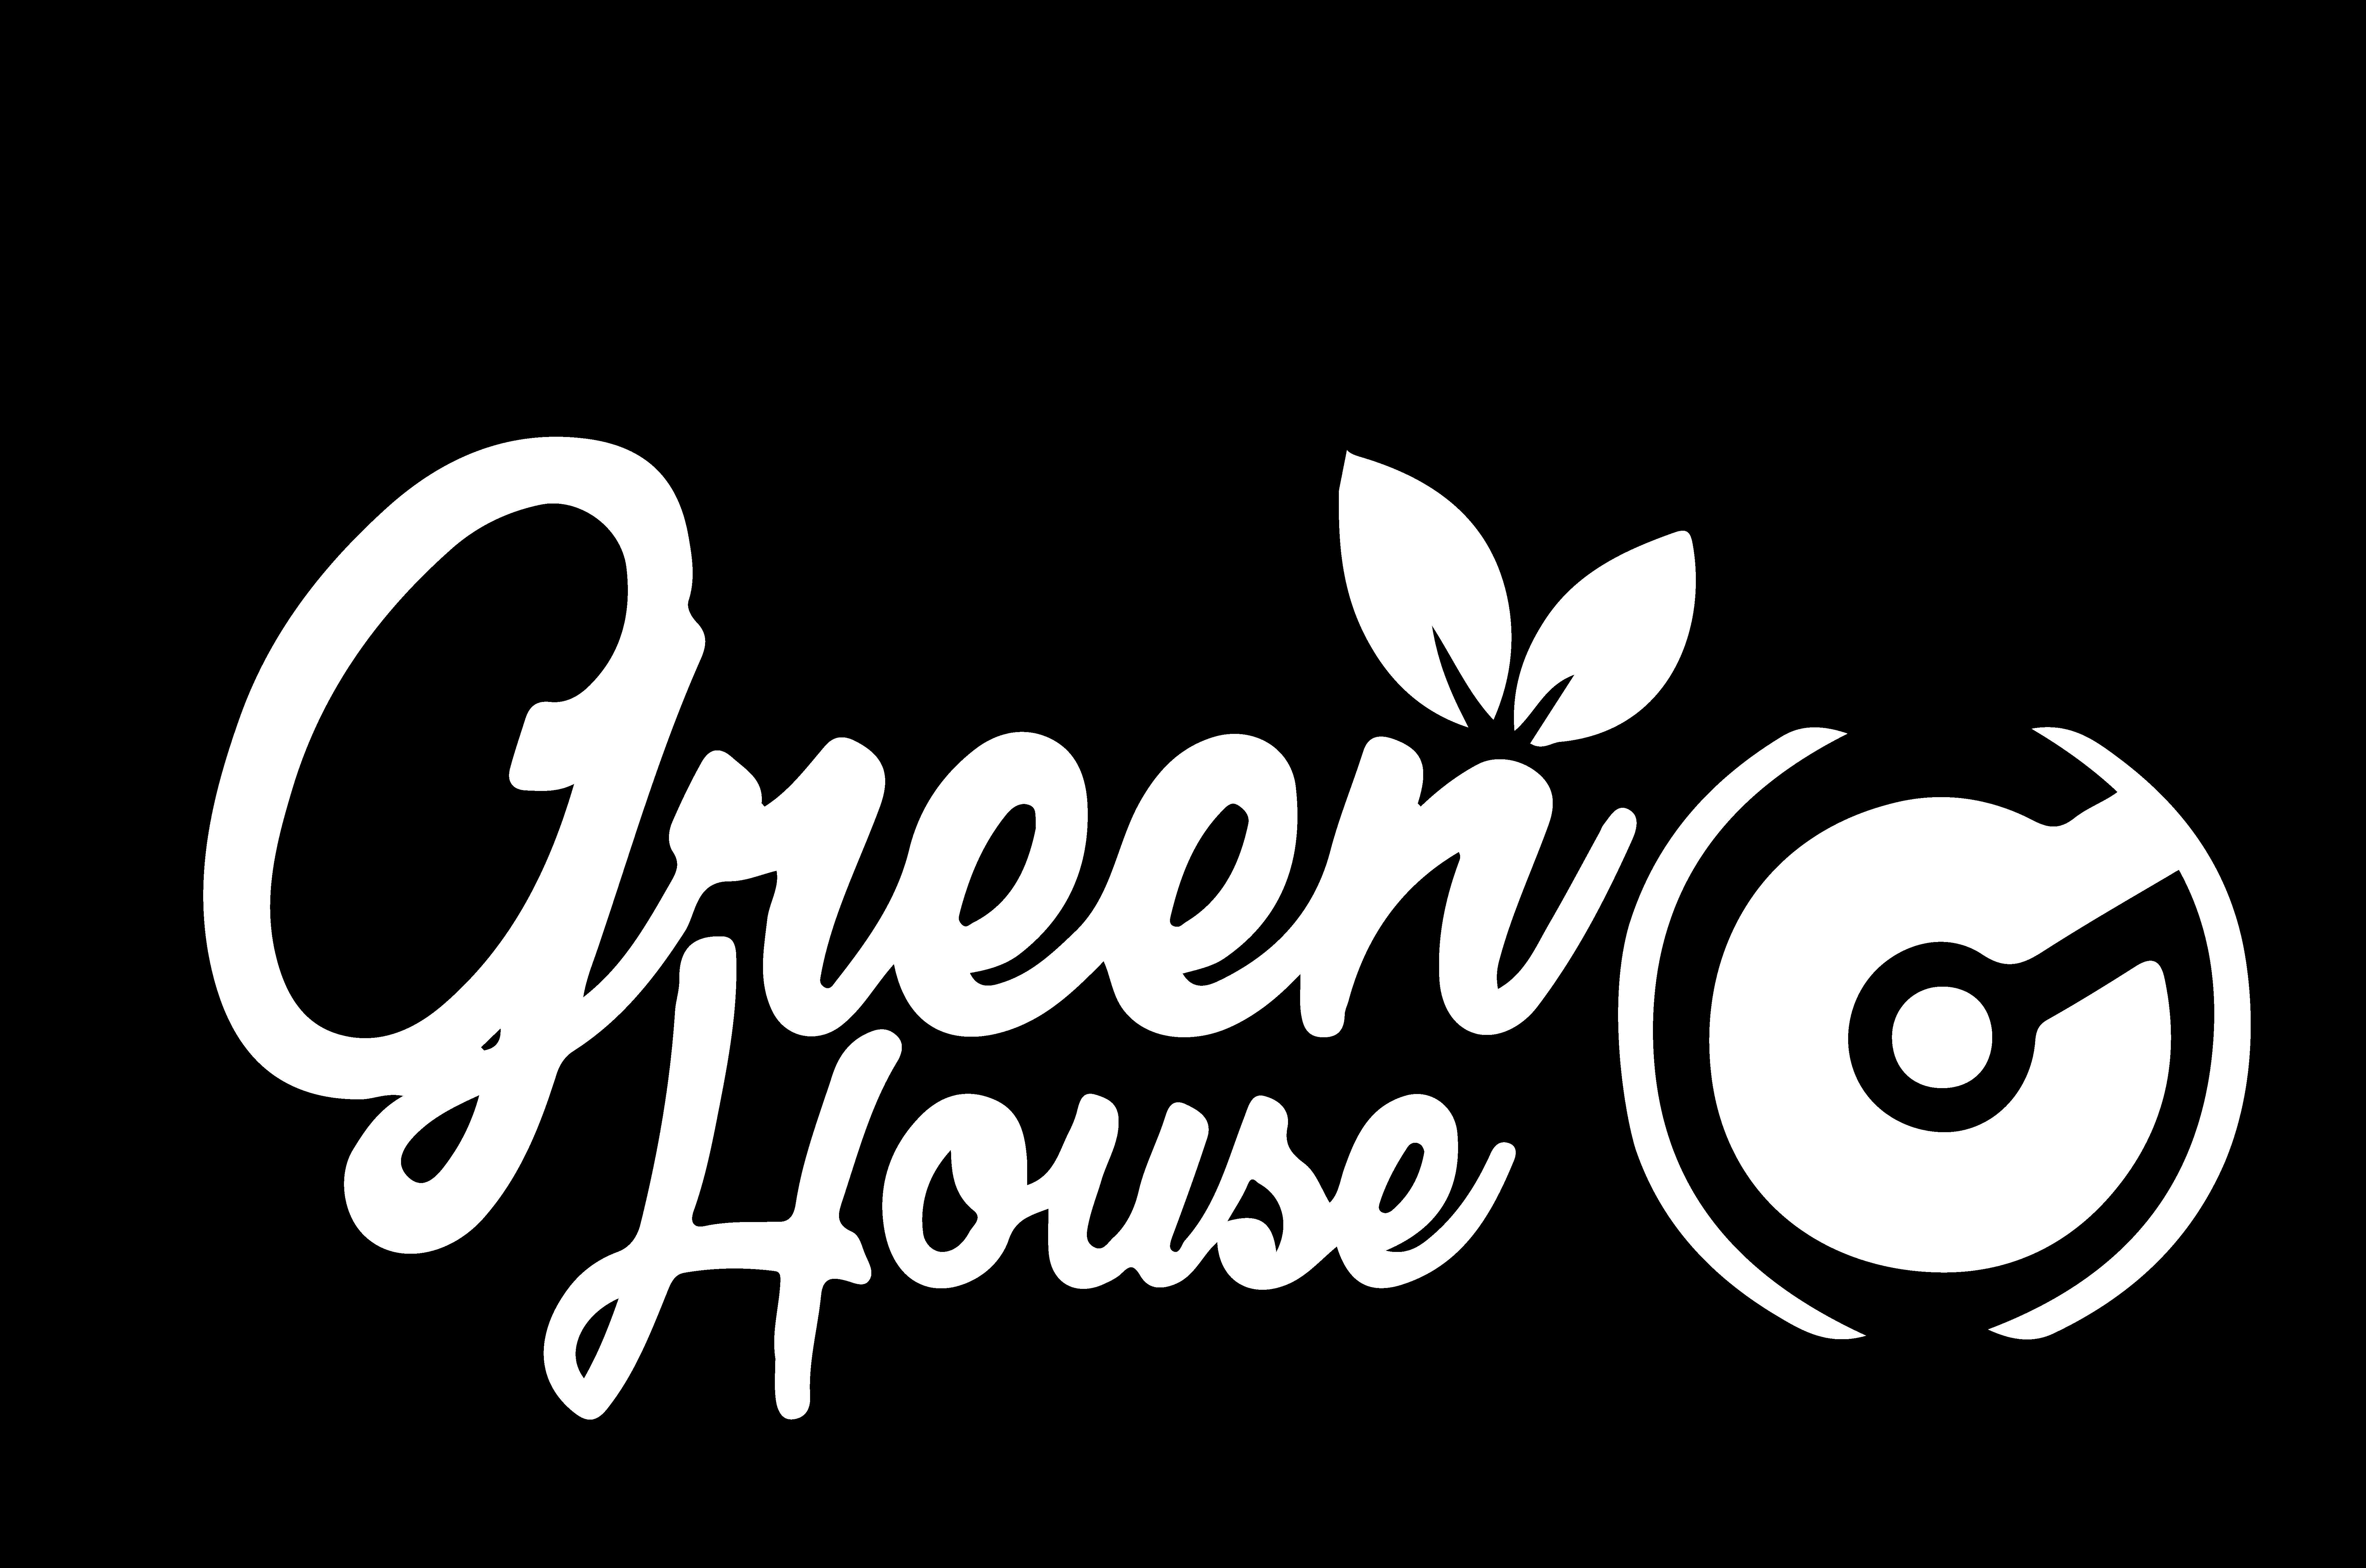 aniversario green house